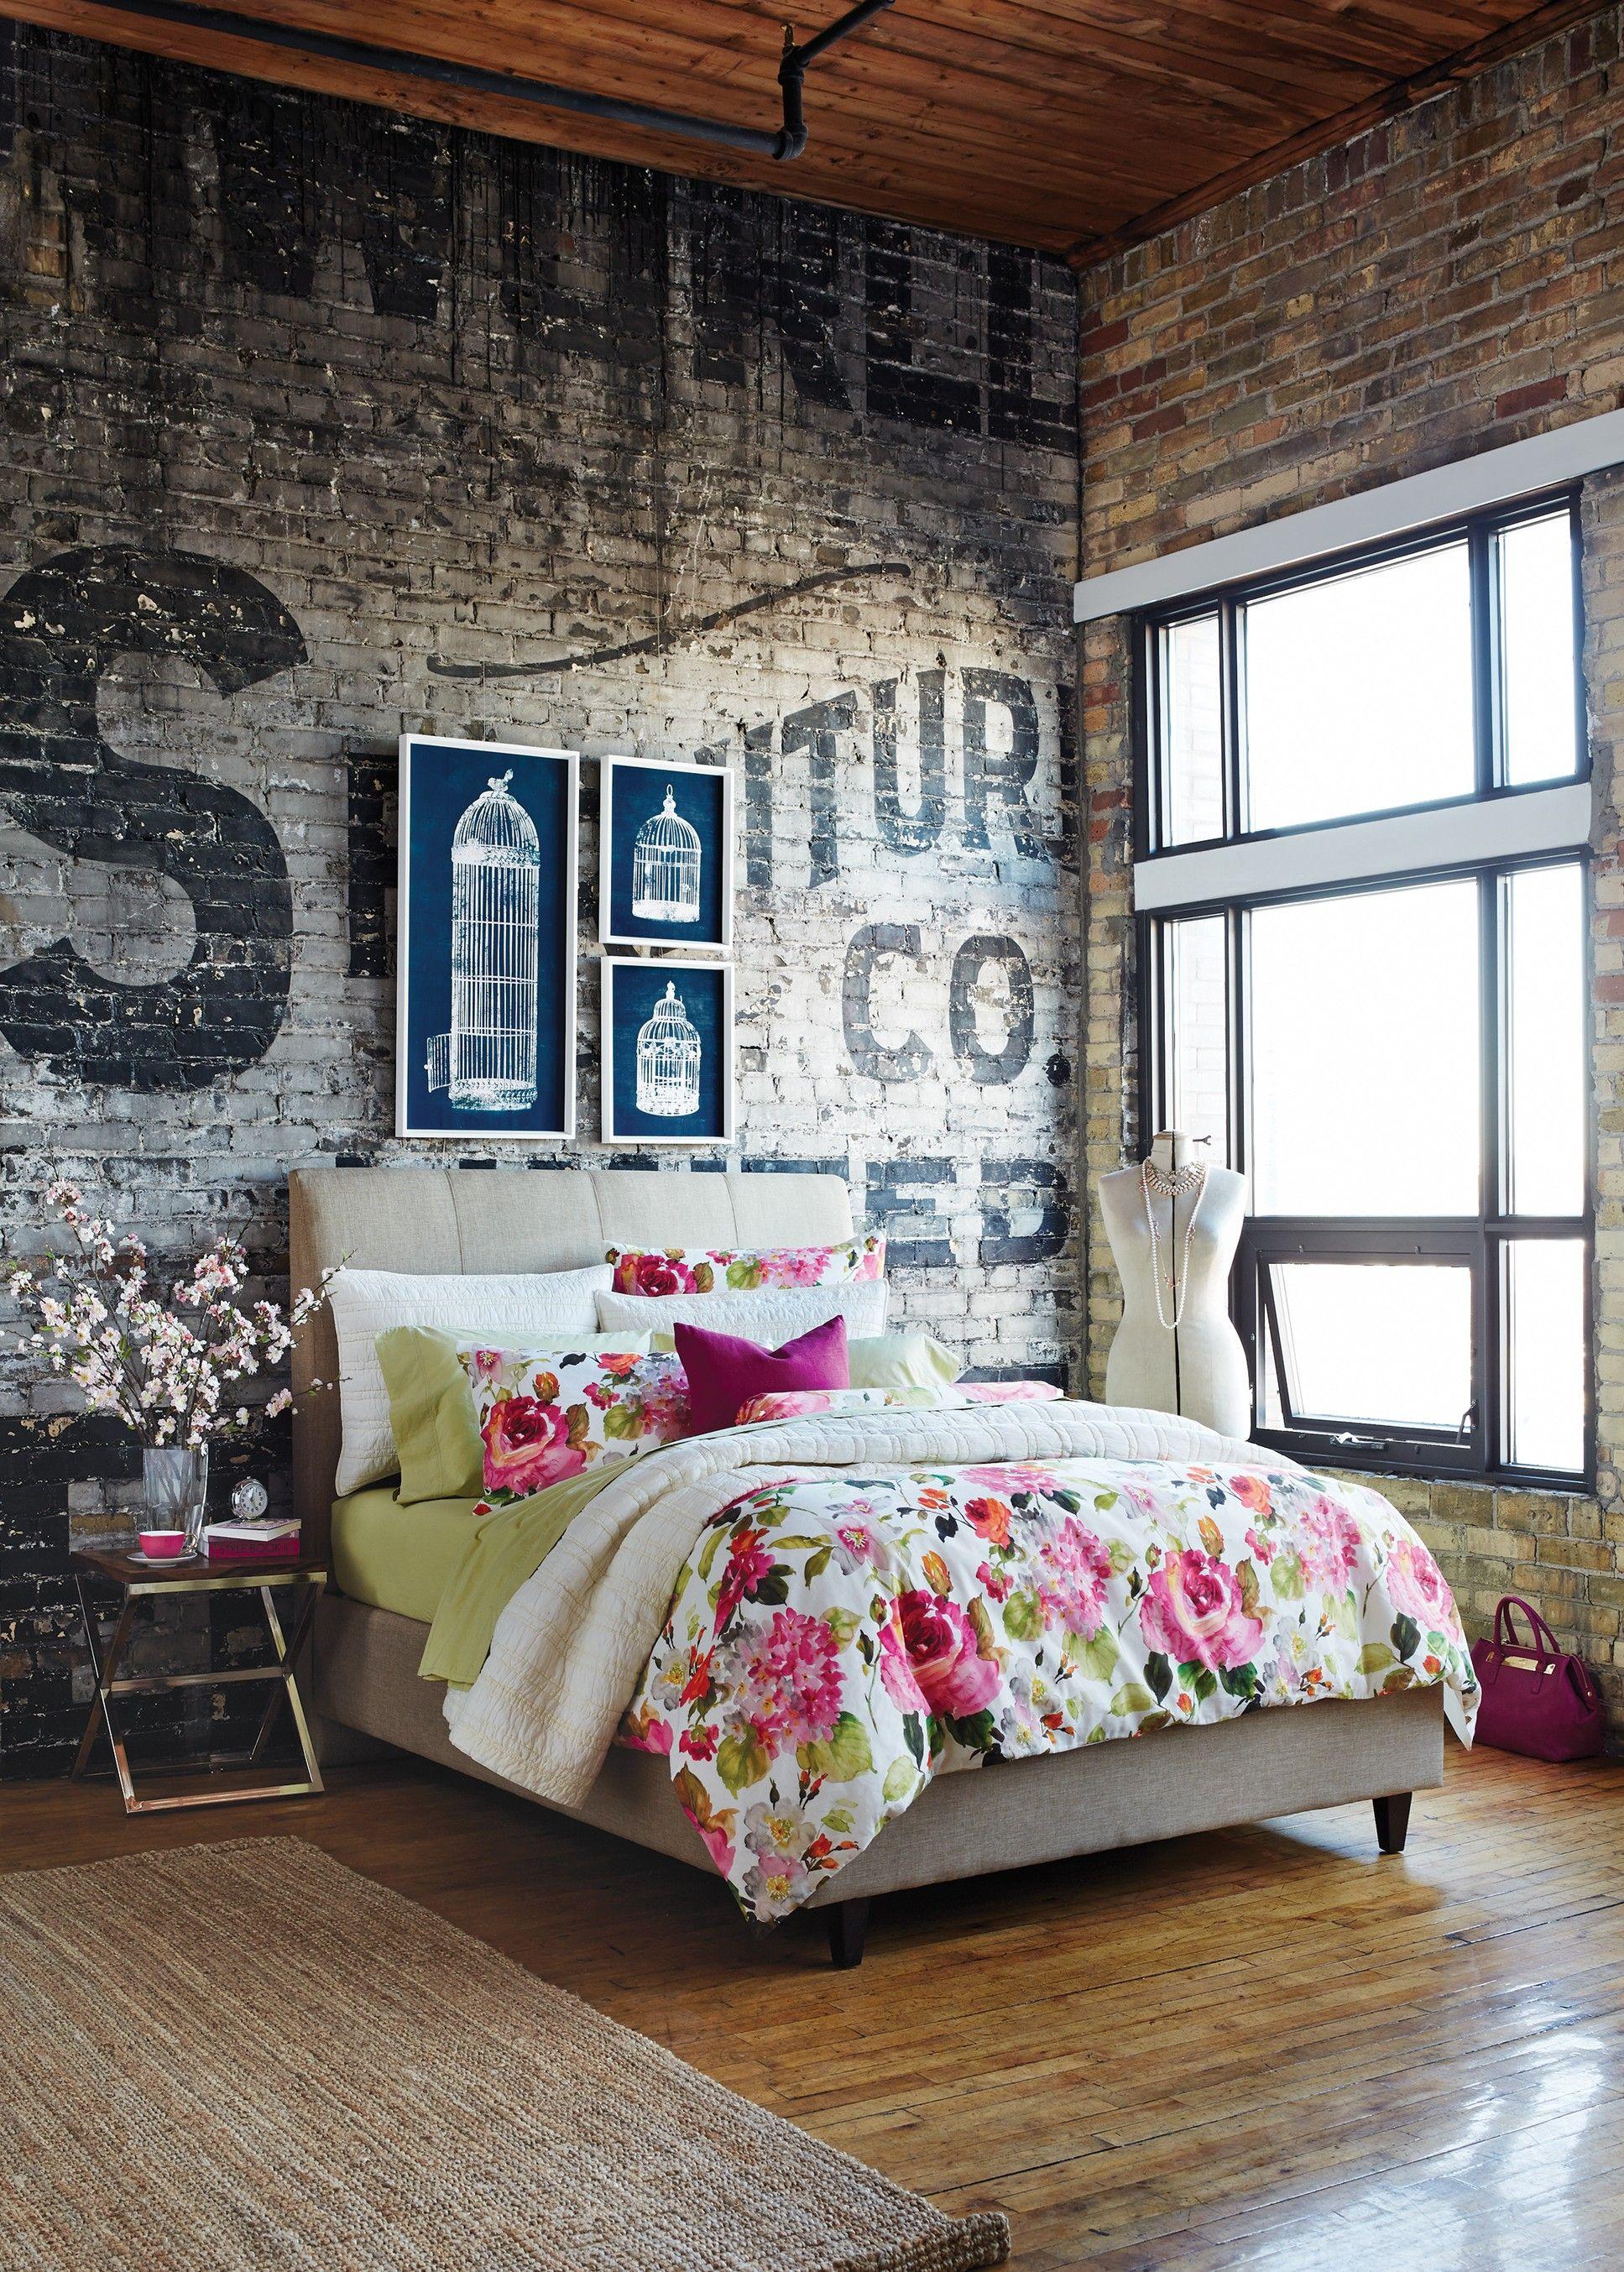 Schlafzimmer Gestalten Im Industral Chic Style Mit Holzfußboden Und Moderne  Wandgestaltung Schriftzug Schwarz Für Ziegelwand Grau